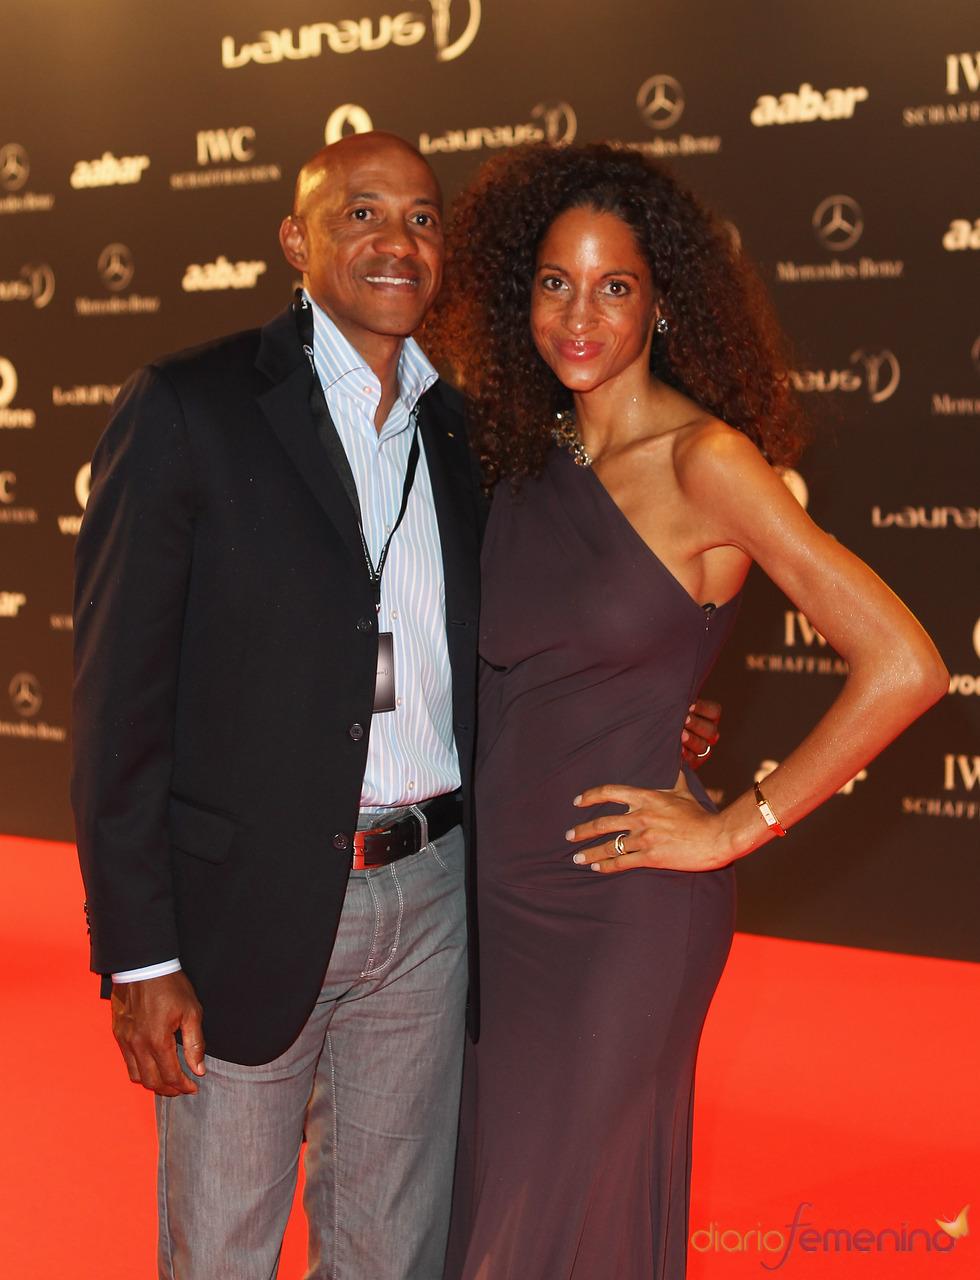 El ex atleta namibio Frankie Fredericks en la Laureus Welcome Party